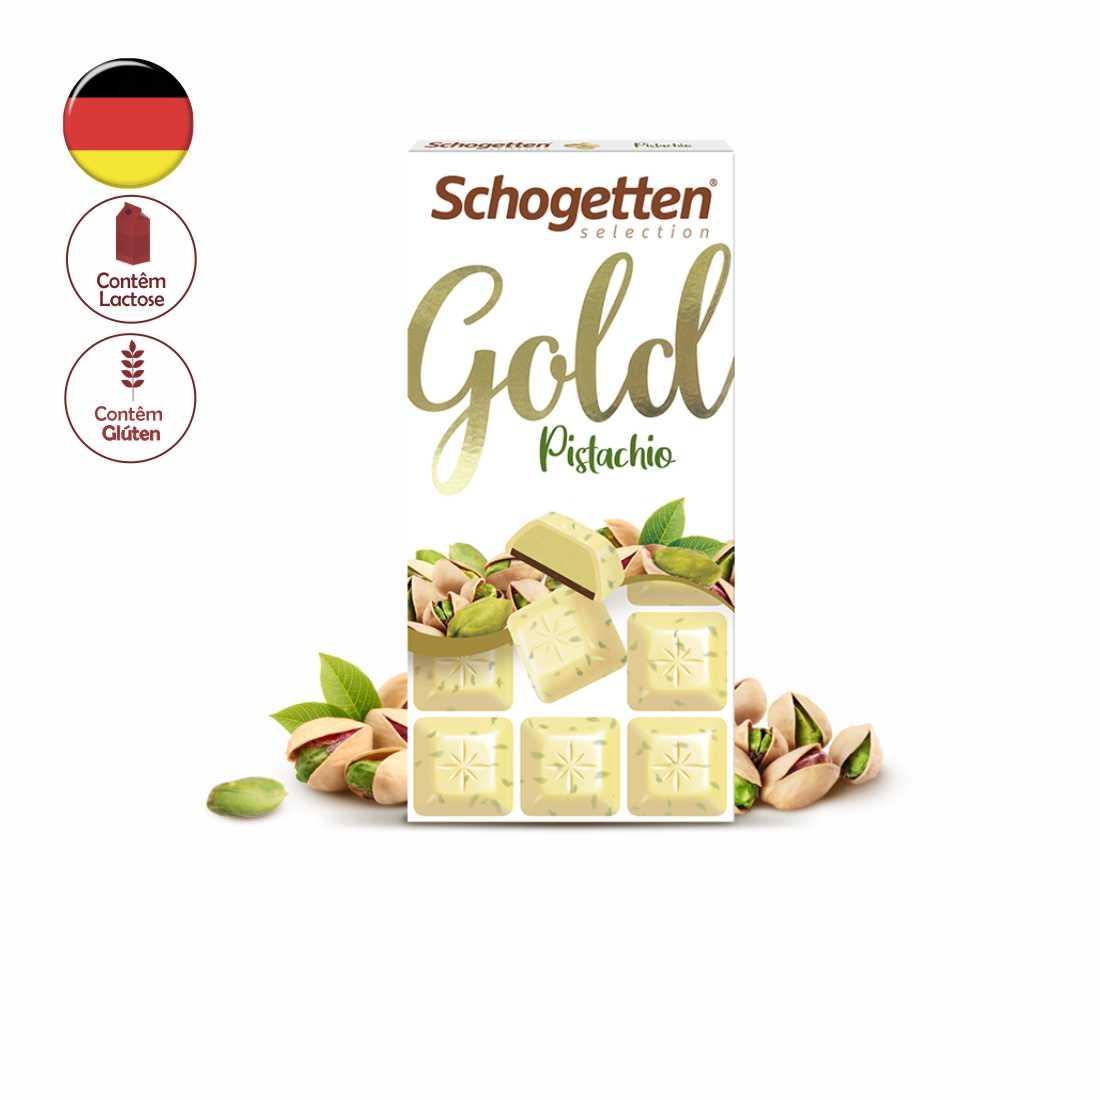 CHOCOLATE SCHOGETTEN GOLD PISTACHIO 100G